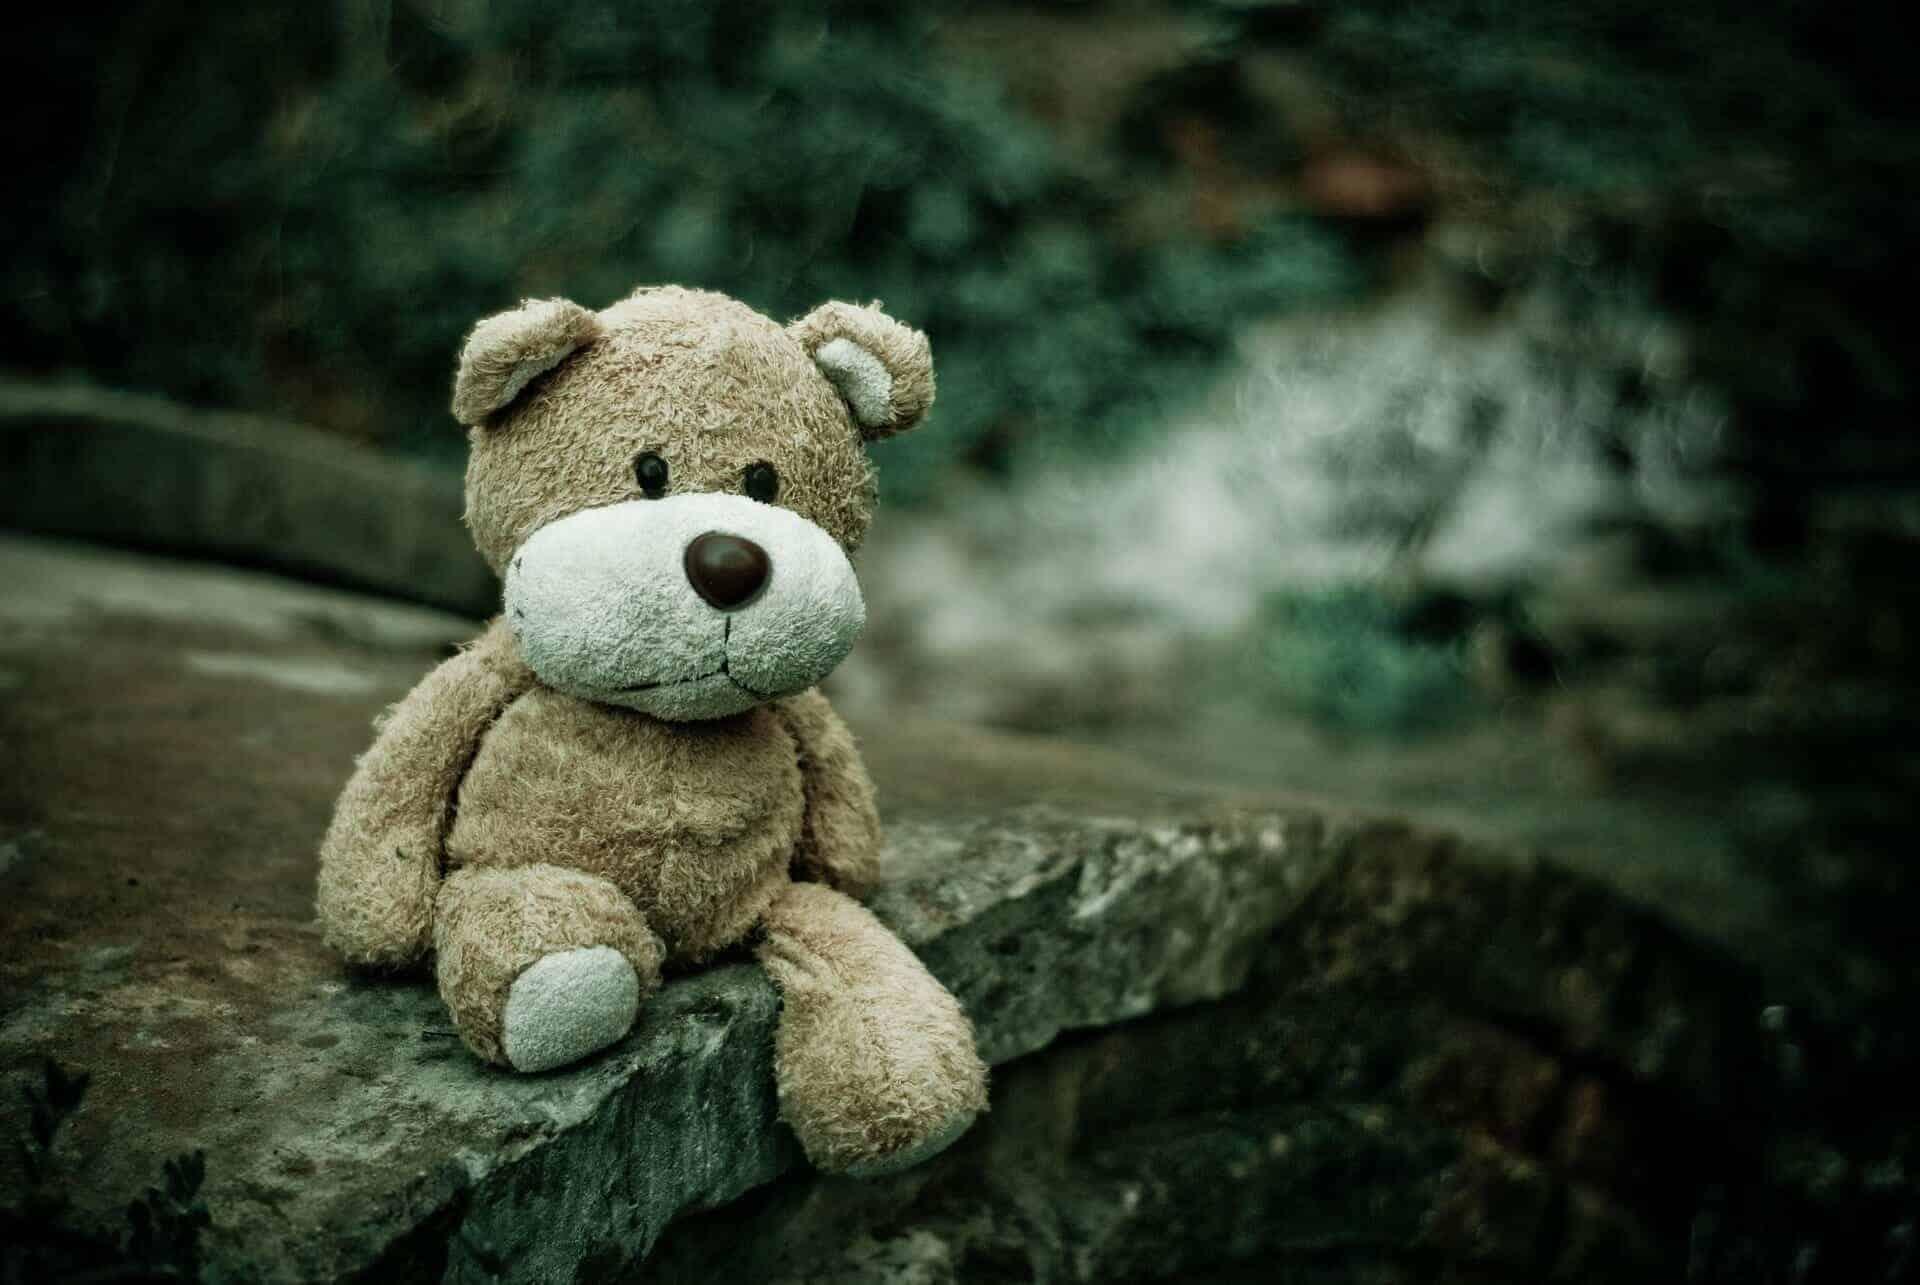 Amnesia Dissociativa Cos'è e Cosa Significa